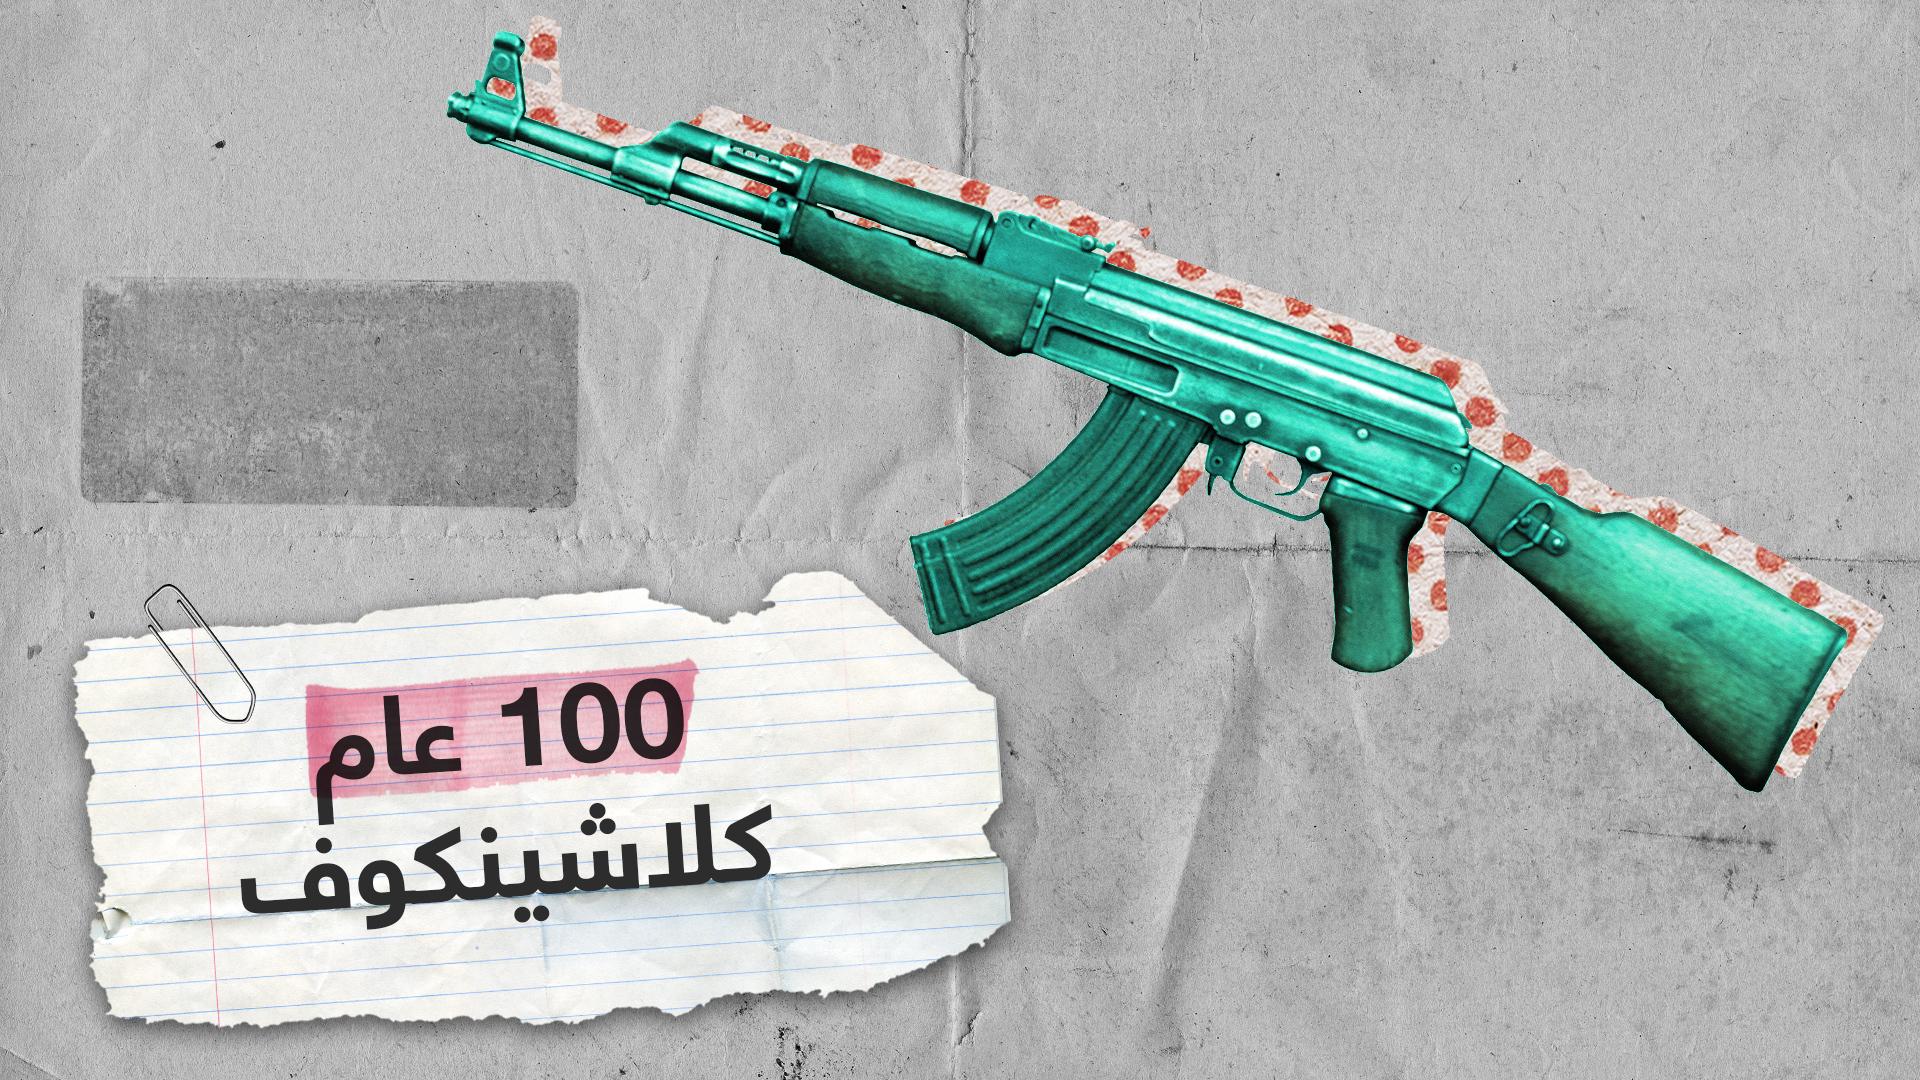 في ذكرى 100 عام على ولادة ميخائيل كلاشينكوف.. ماذا تعرف عن السلاح الأشهر؟